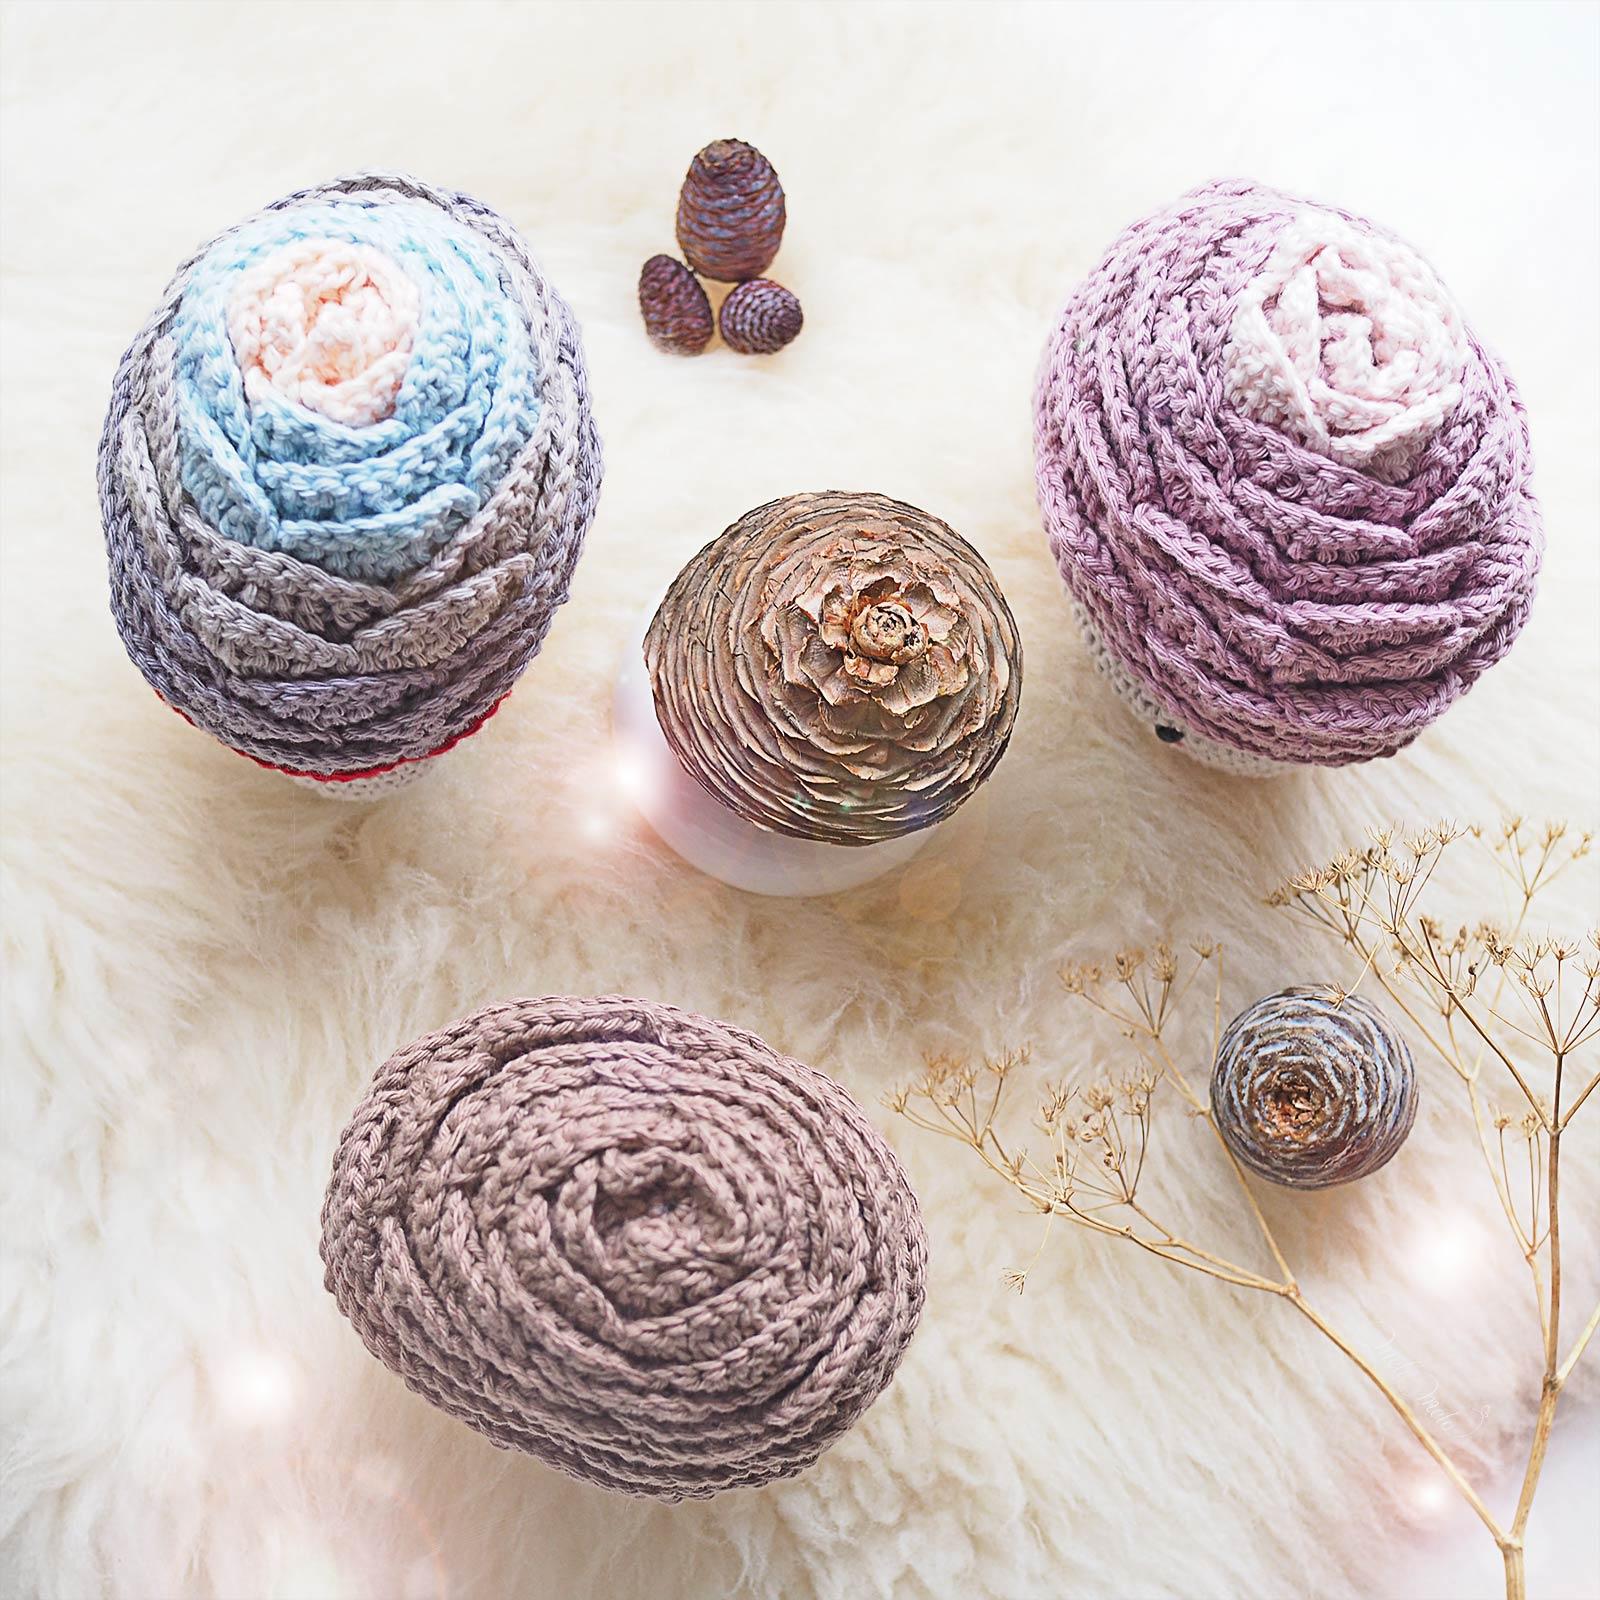 trio-woody-automne-hiver-cone-cedre-coton-ricorumi-laboutiquedemelimelo